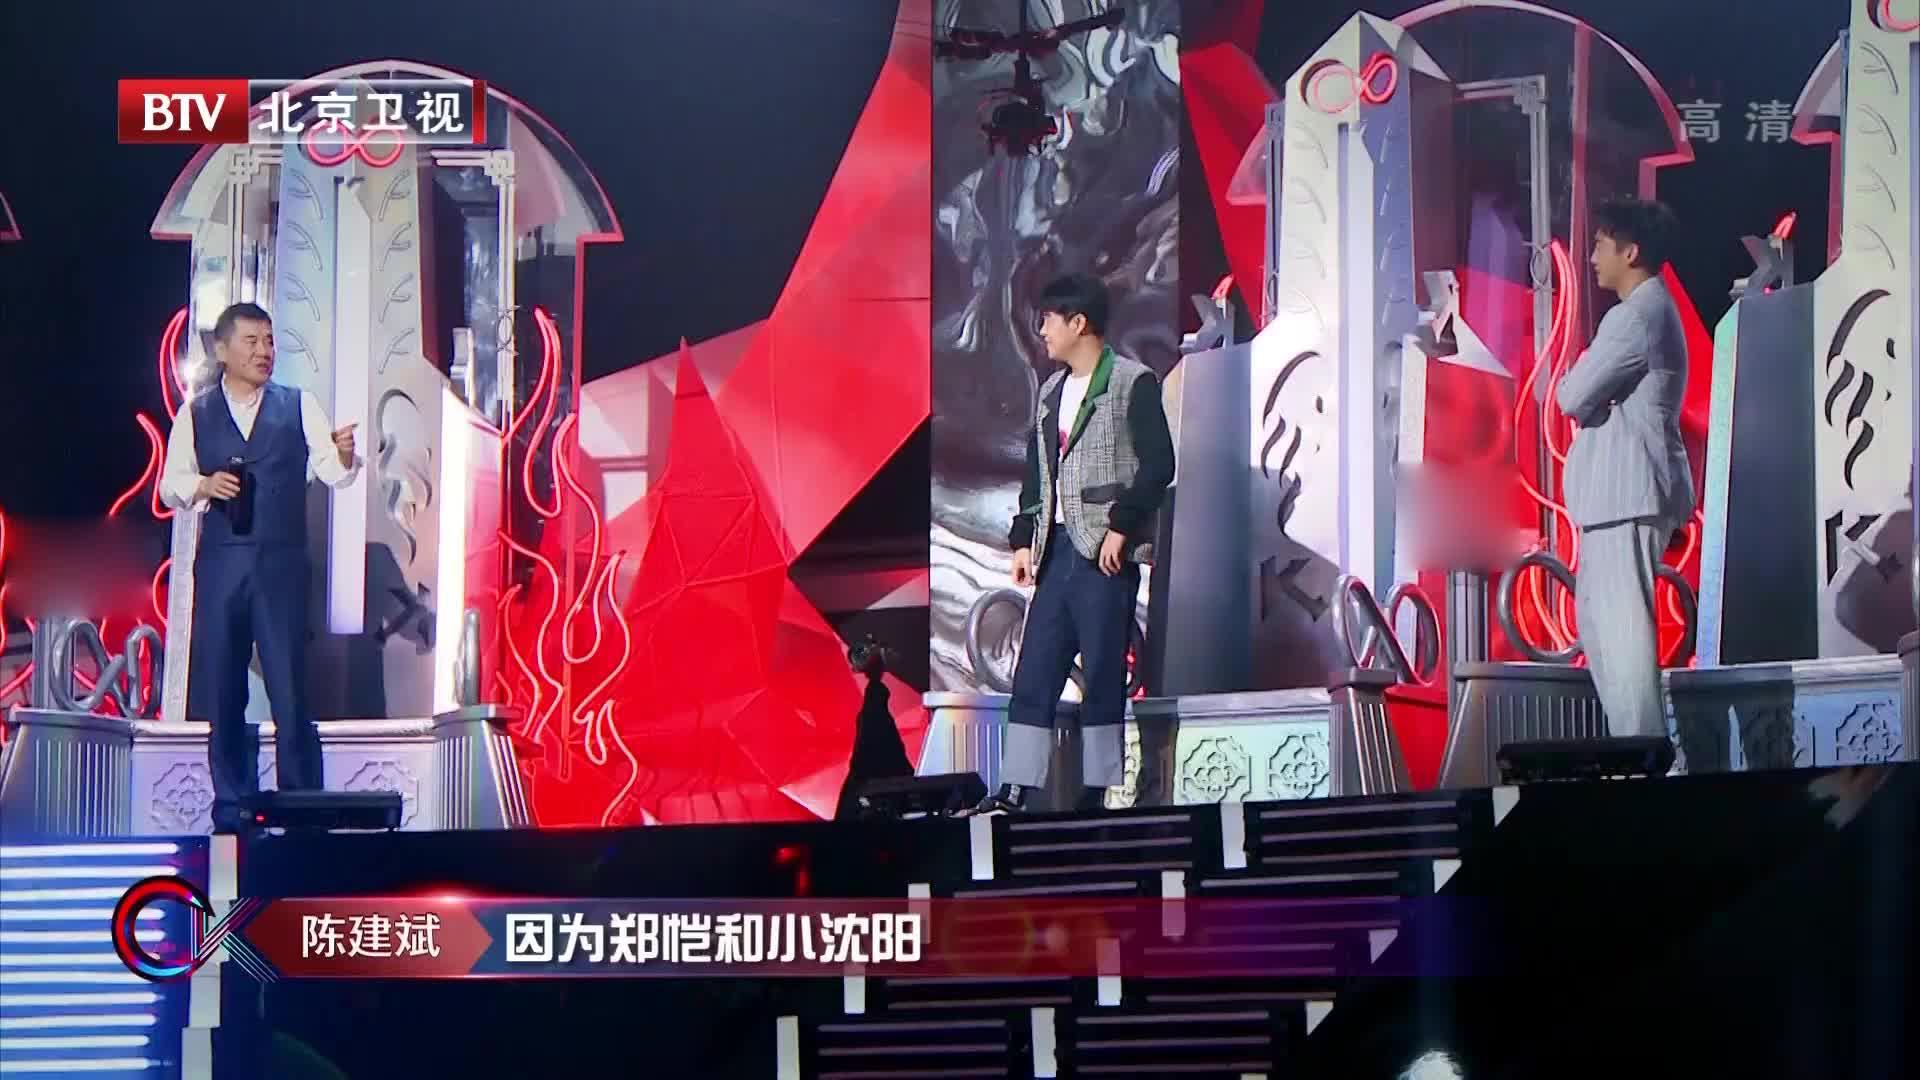 跨界歌王:陈建斌把《草原之夜》唱到极致,柔美歌声比原版强百倍